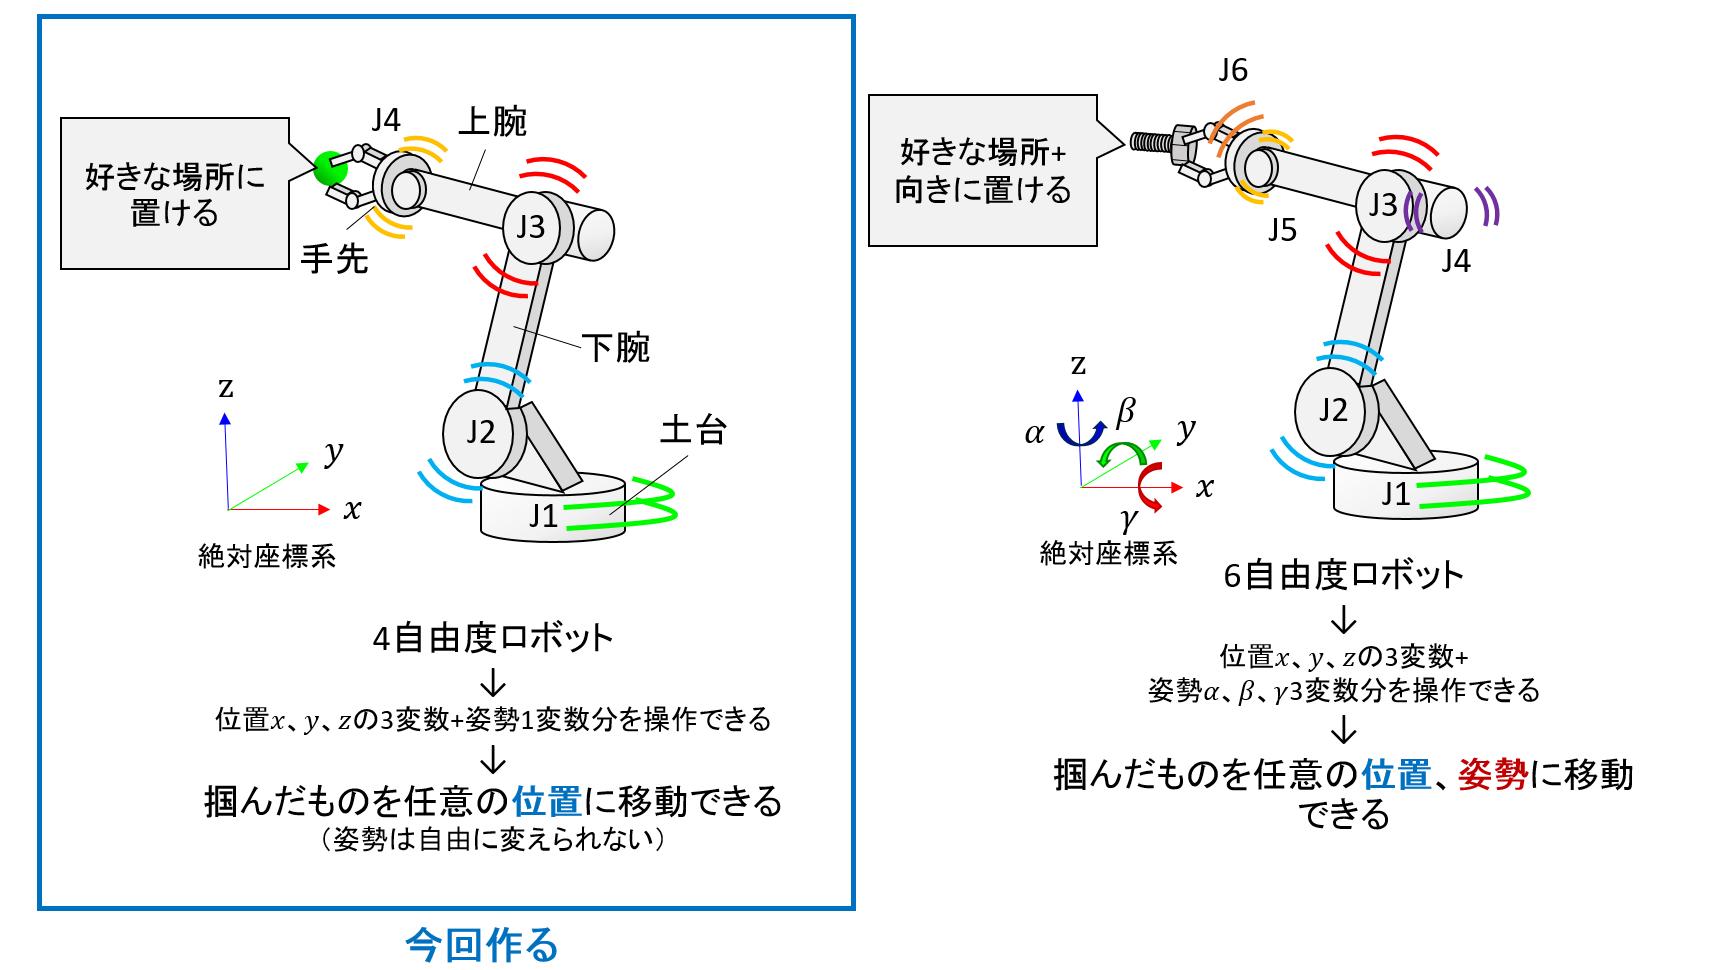 順運動学を使ったロボット描画① -製作するロボットの構造説明 ...